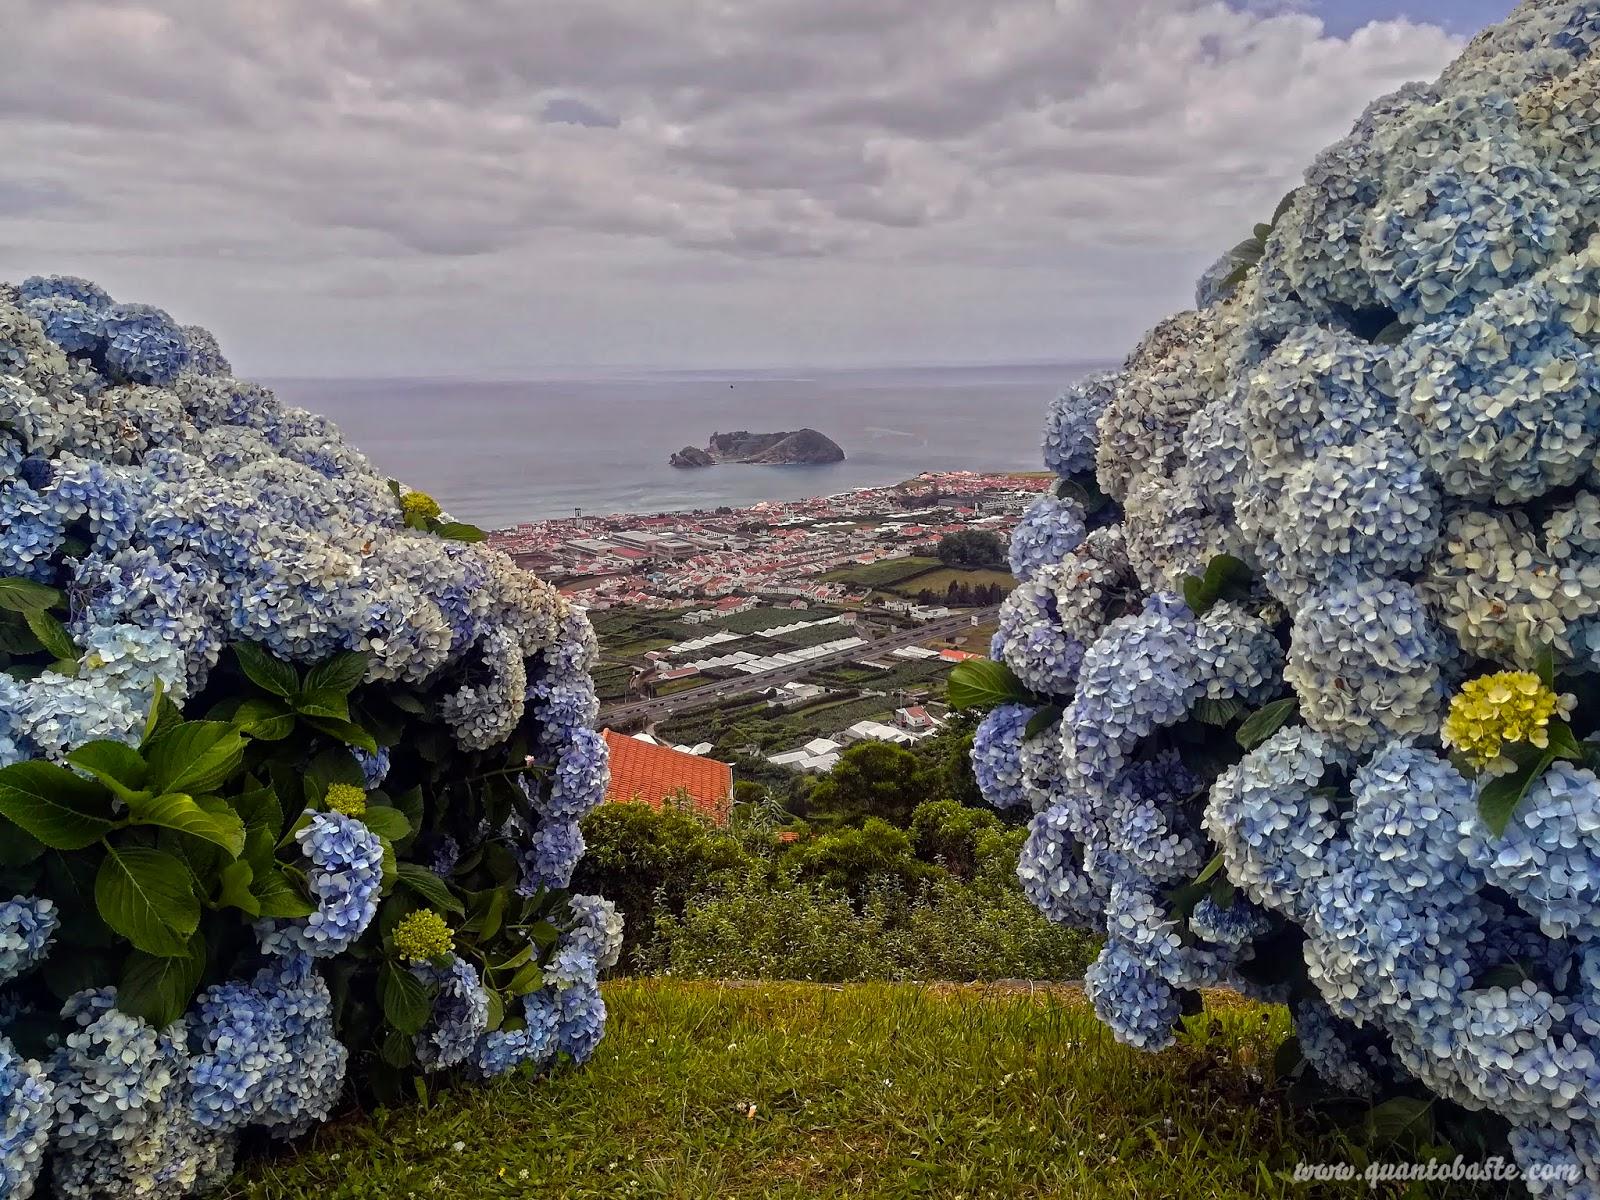 Vista da Ermida de Nossa Senhora da Paz para o Ilhéu de Vila Franca do Campo - Vila Franca do Campo - São Miguel - Açores